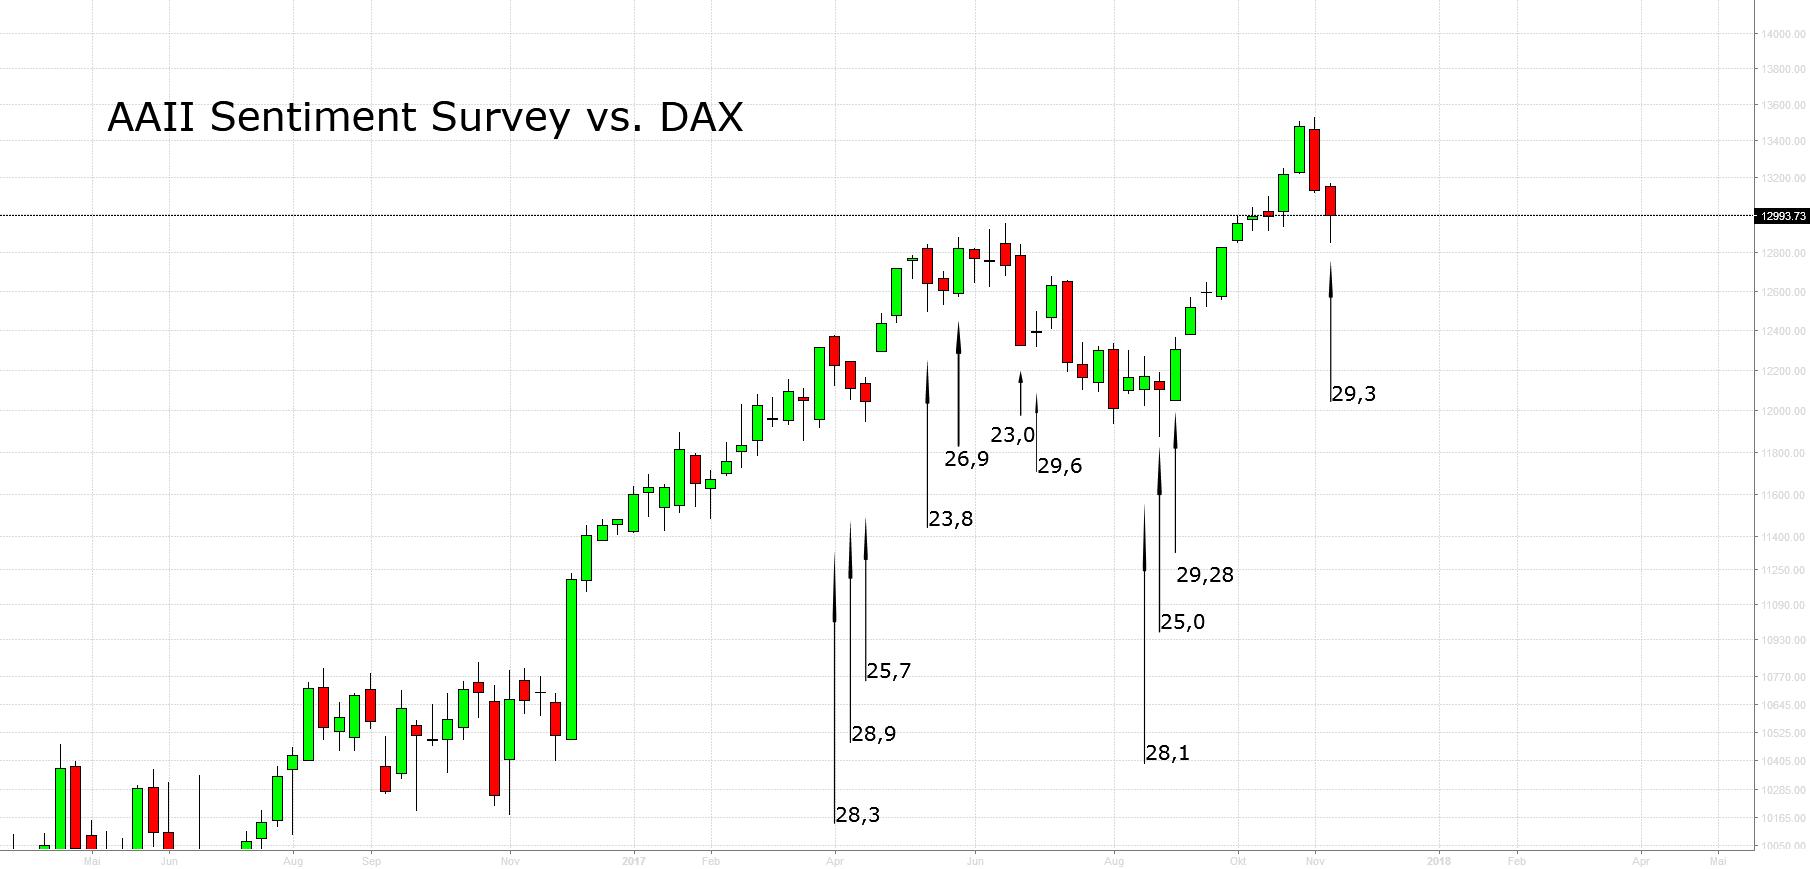 AAII Sentiment Survey vs. DAX